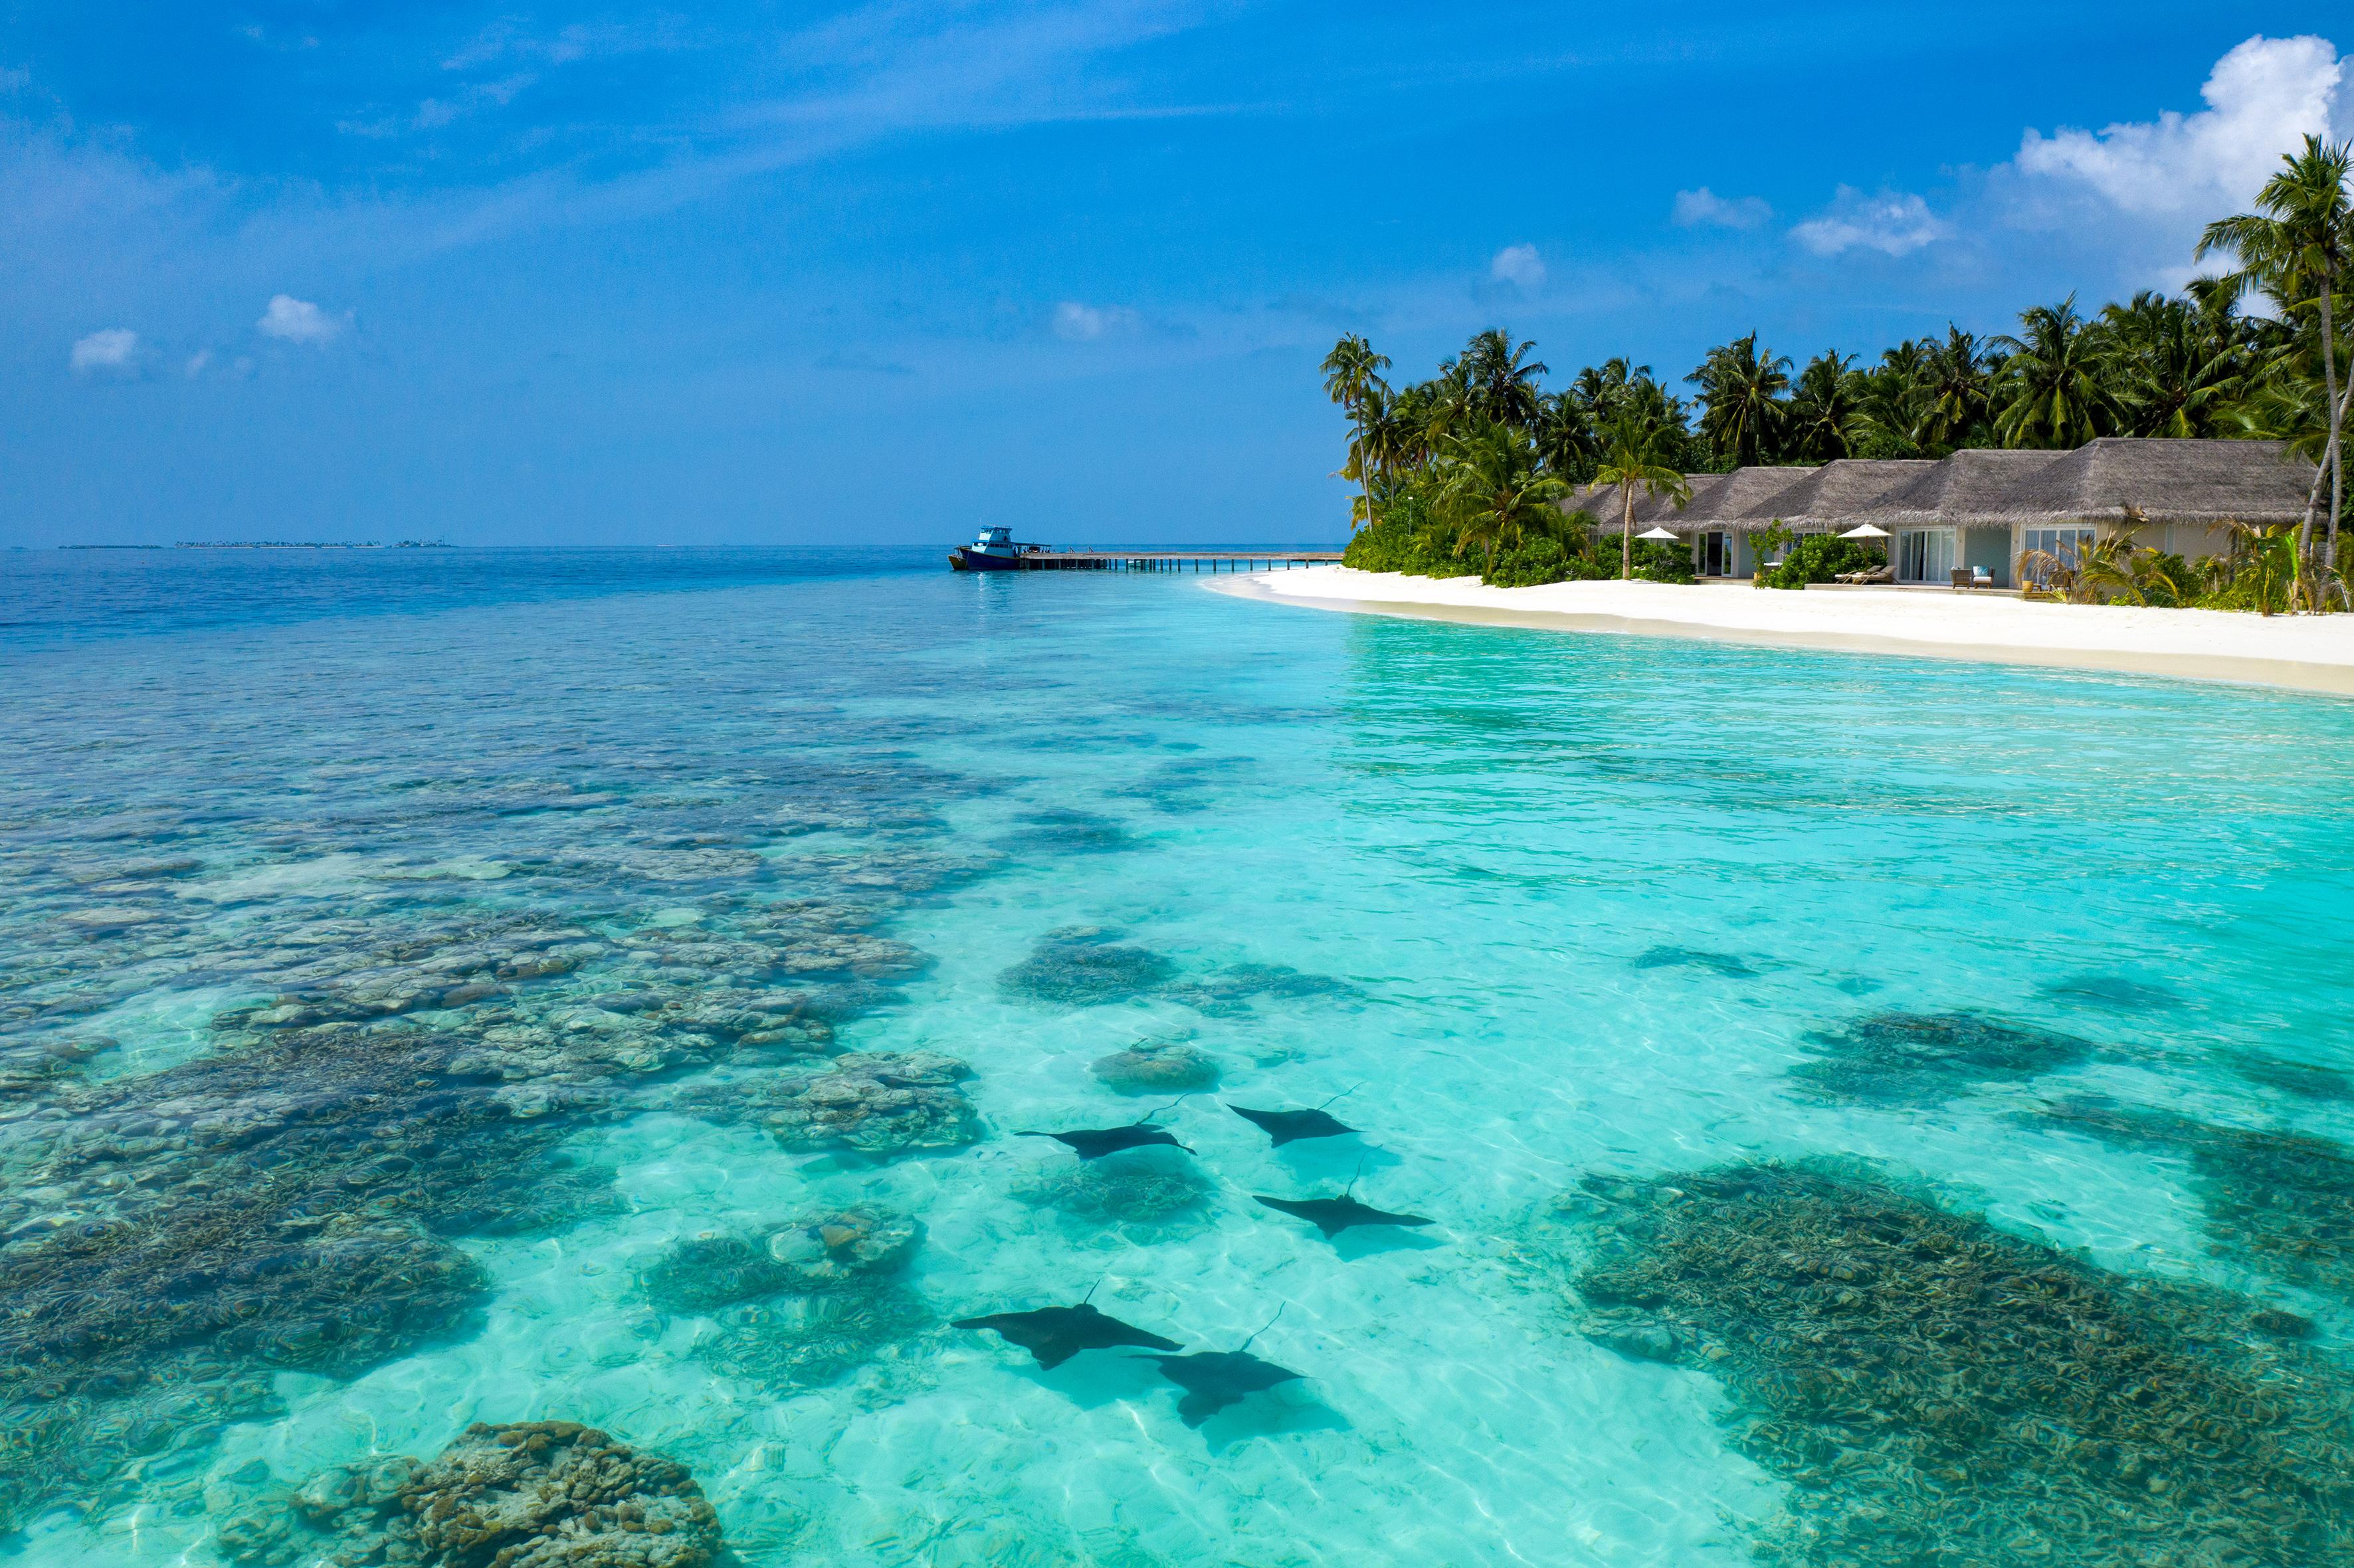 Baglioni_Resort _Maldives_eagle_ray